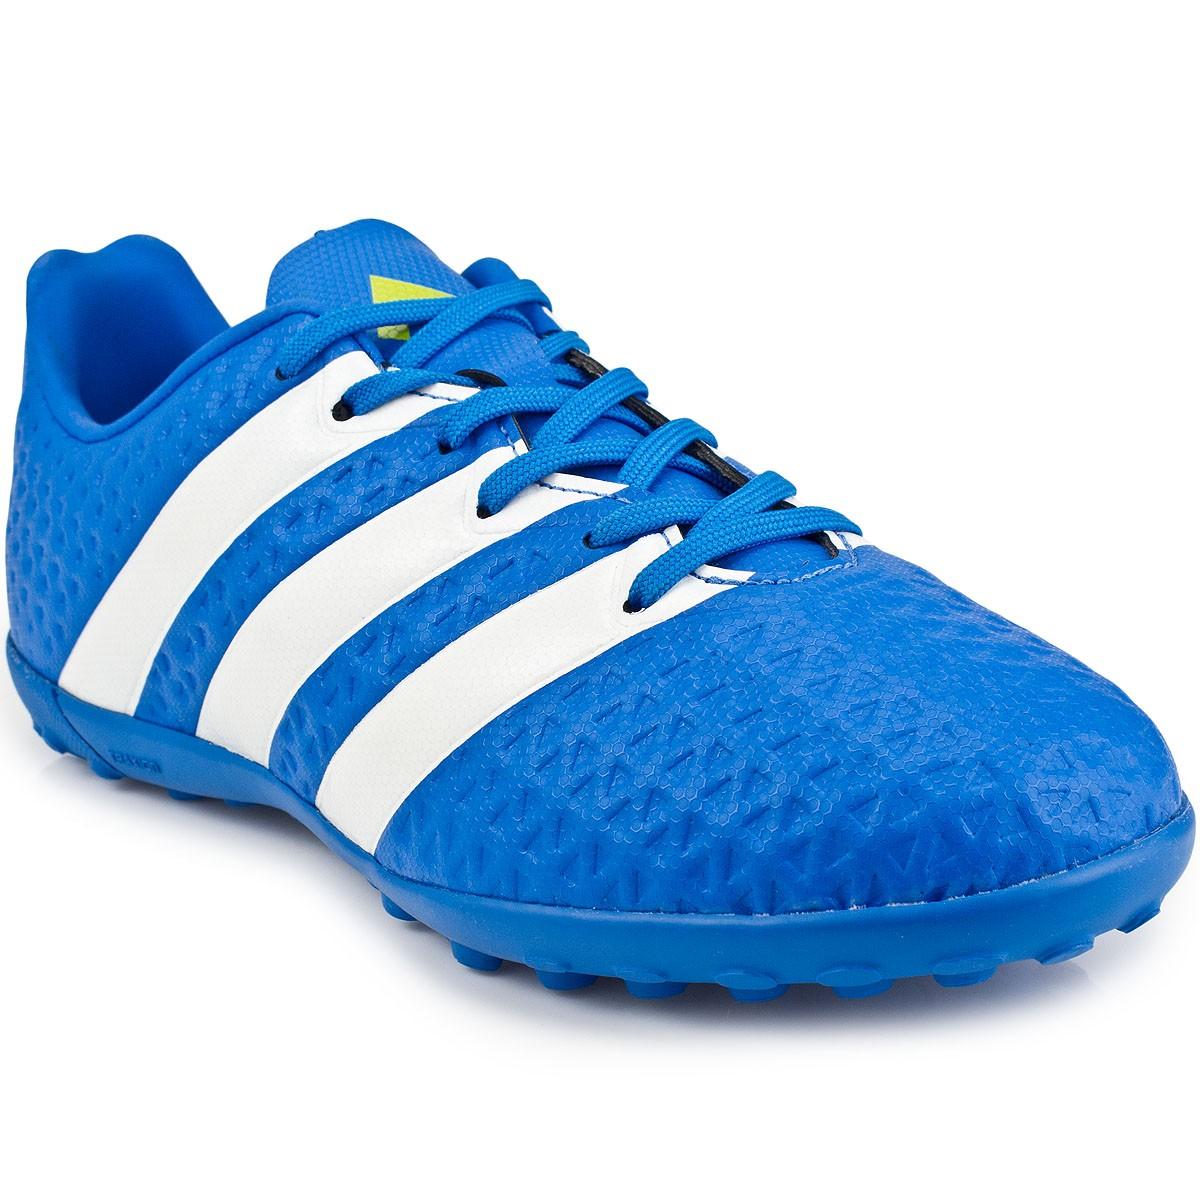 Chuteira Adidas Ace 16.4 TF Jr  6d61e796fa044